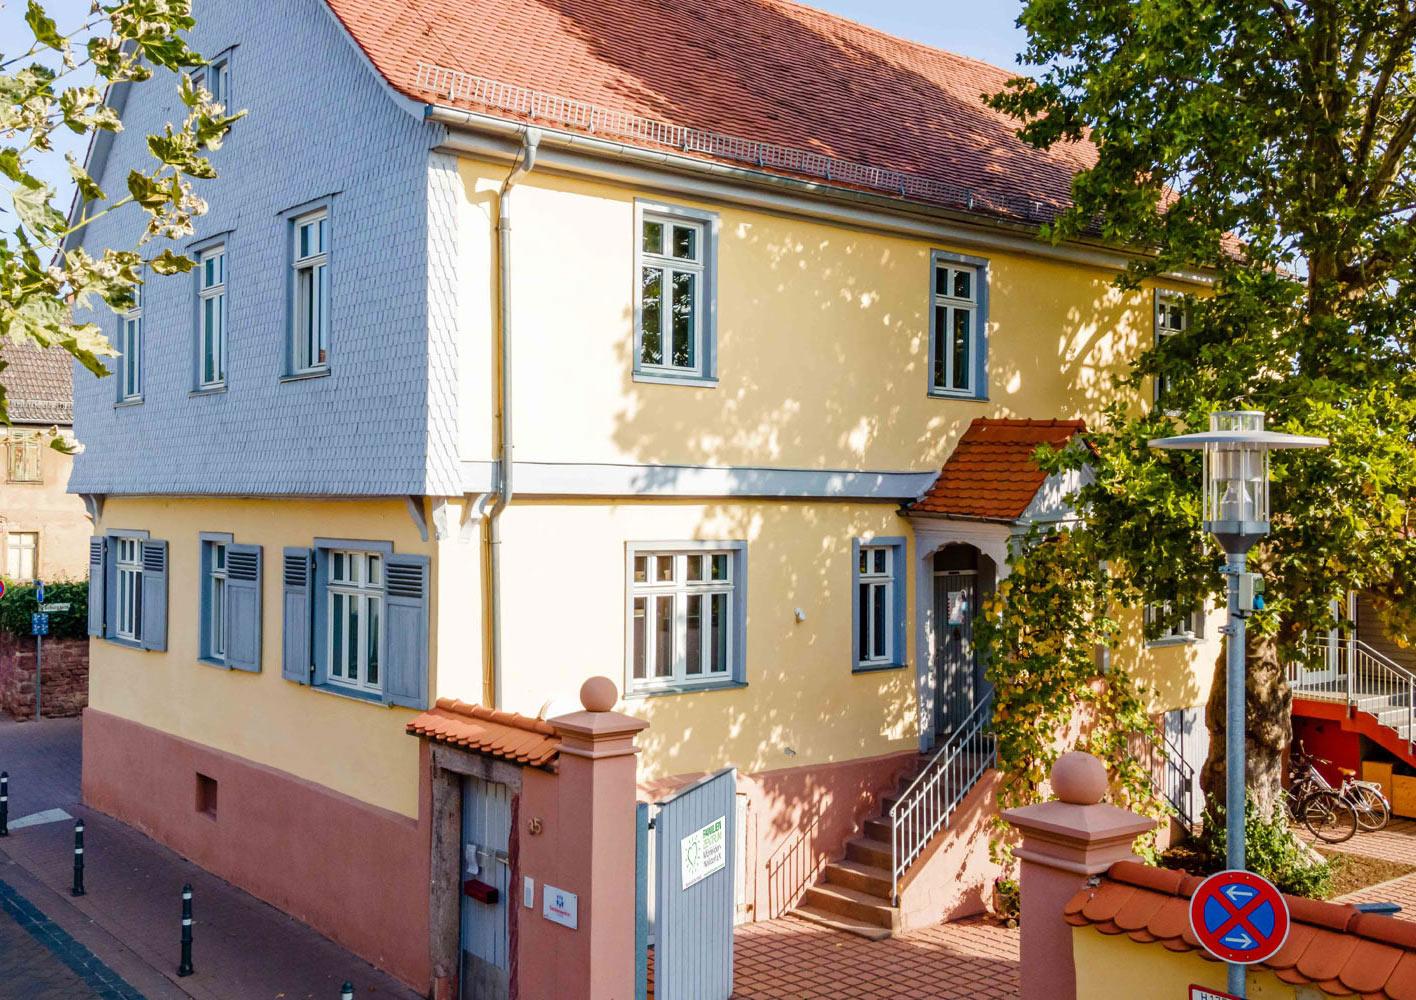 Familienzentrum Mörfelden-Walldorf e.V.